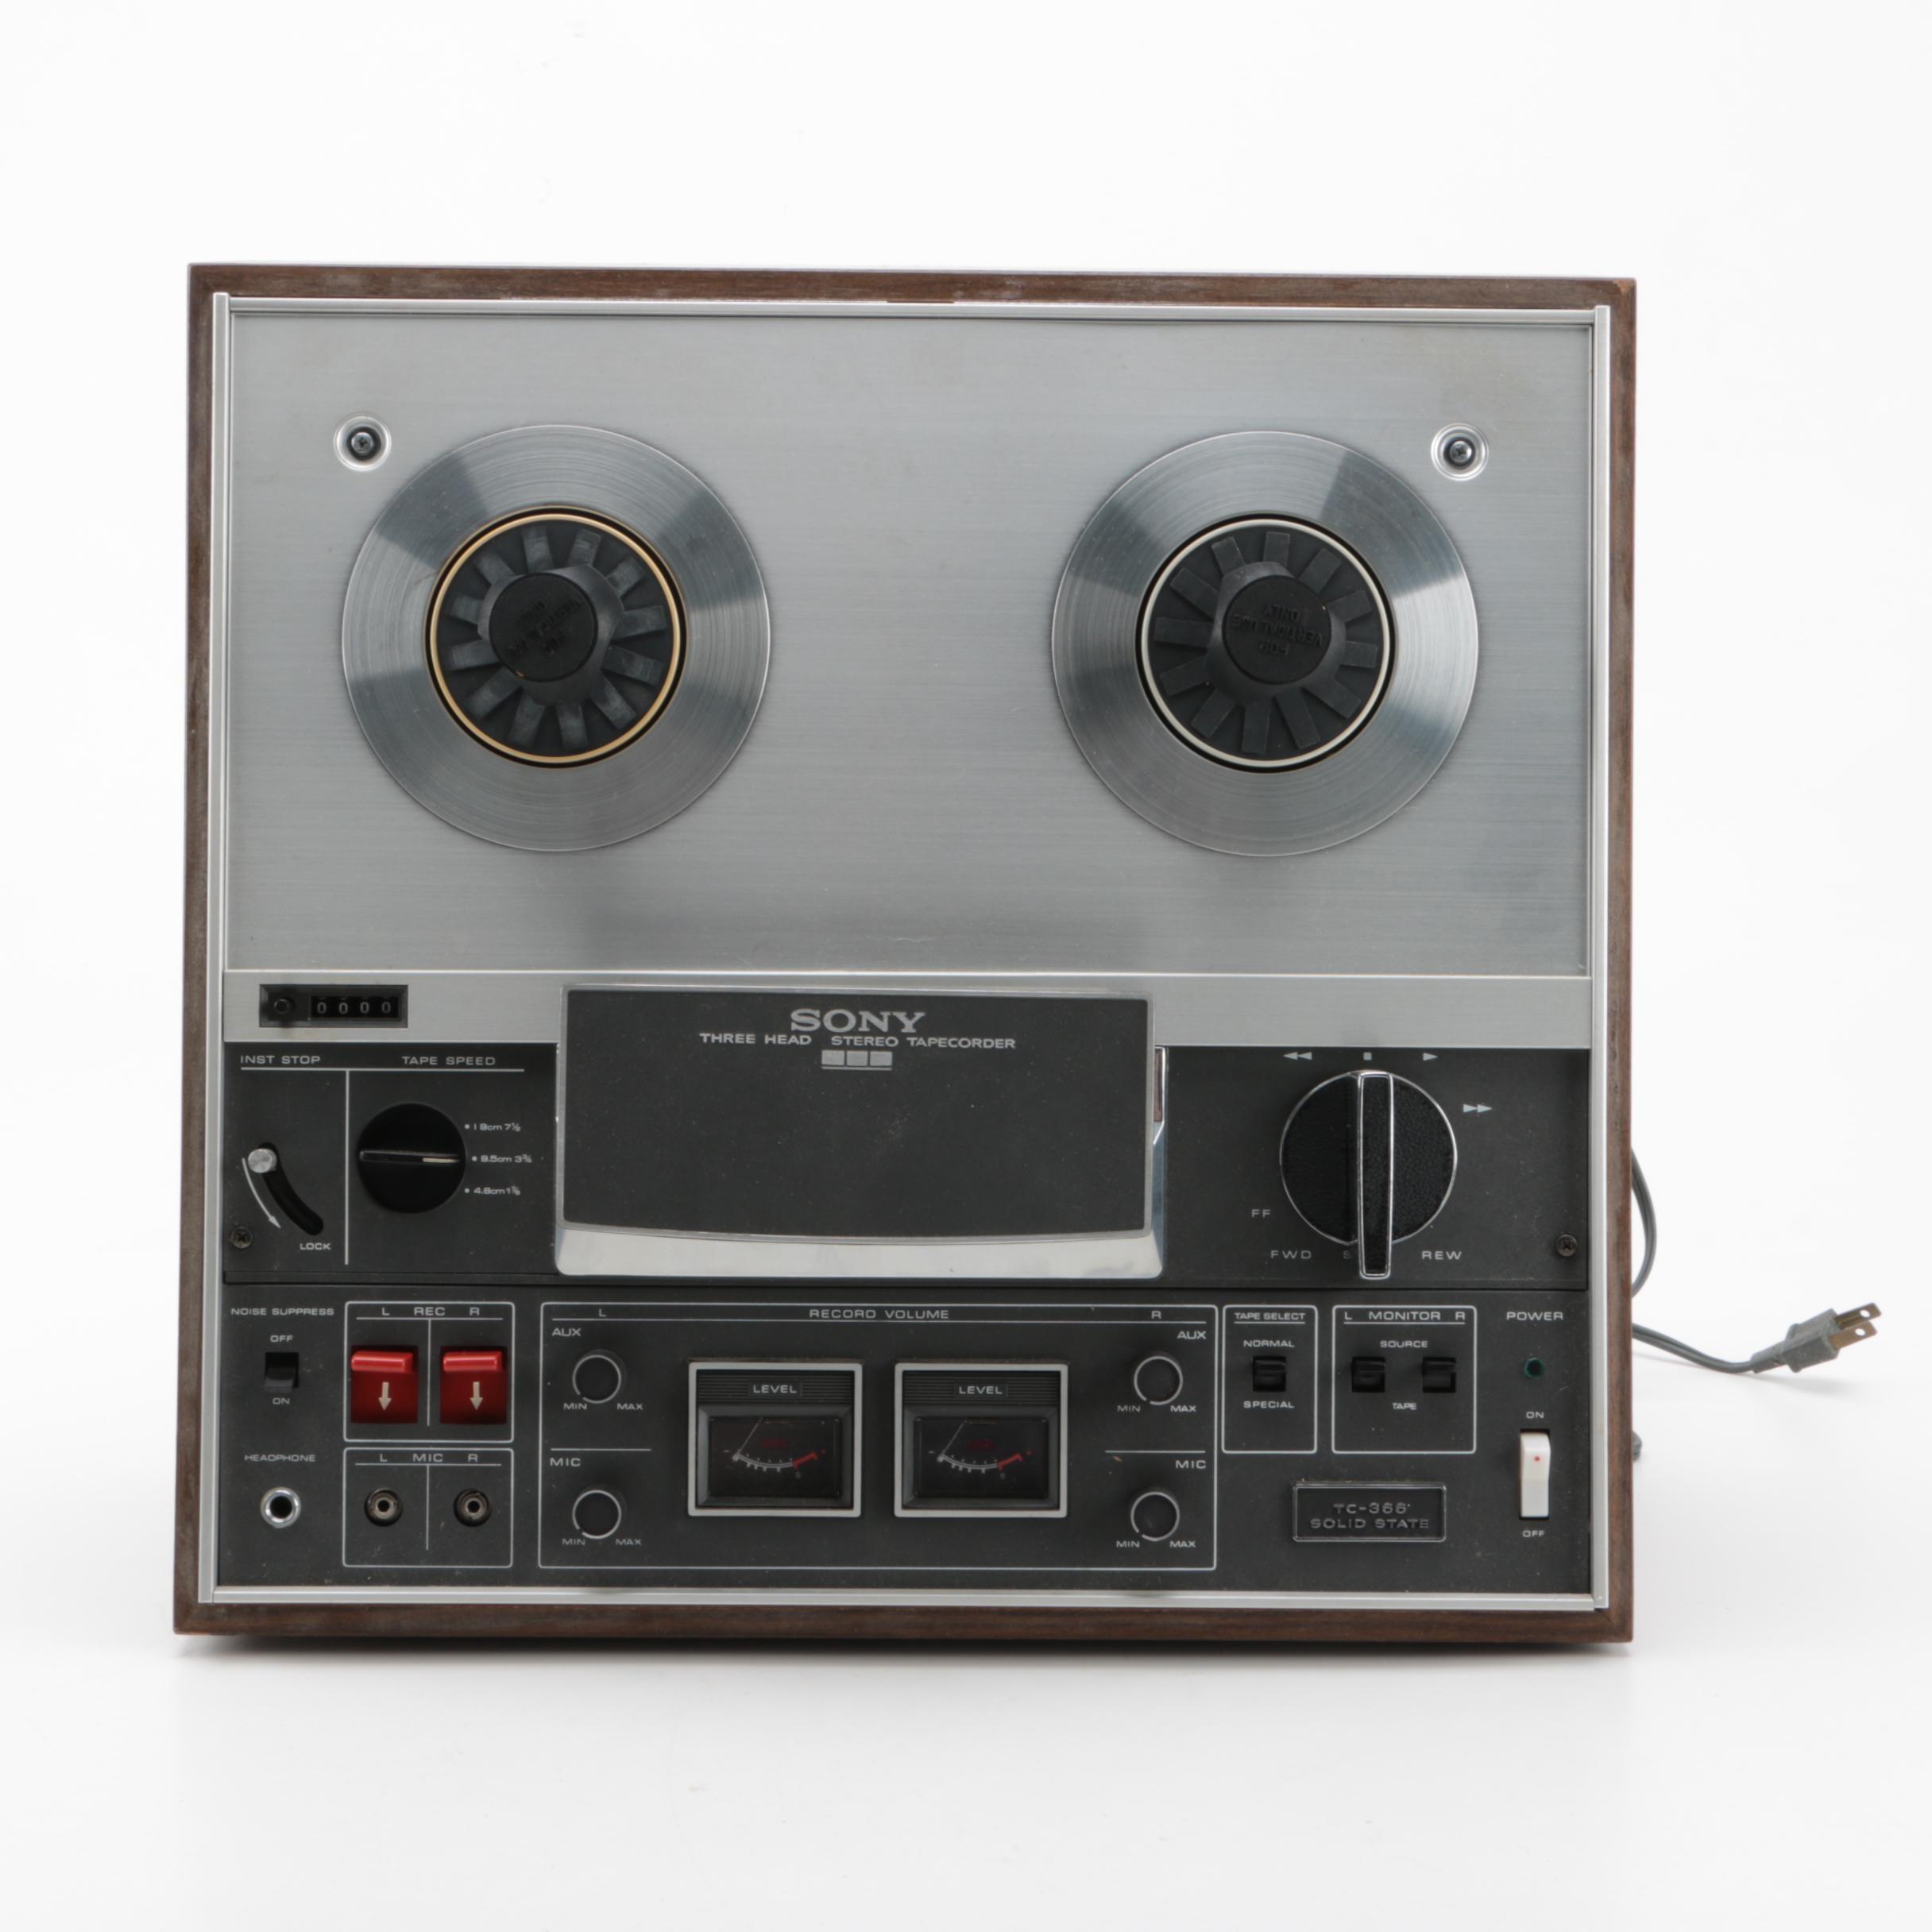 Vintage Sony Reel-to-Reel Recorder